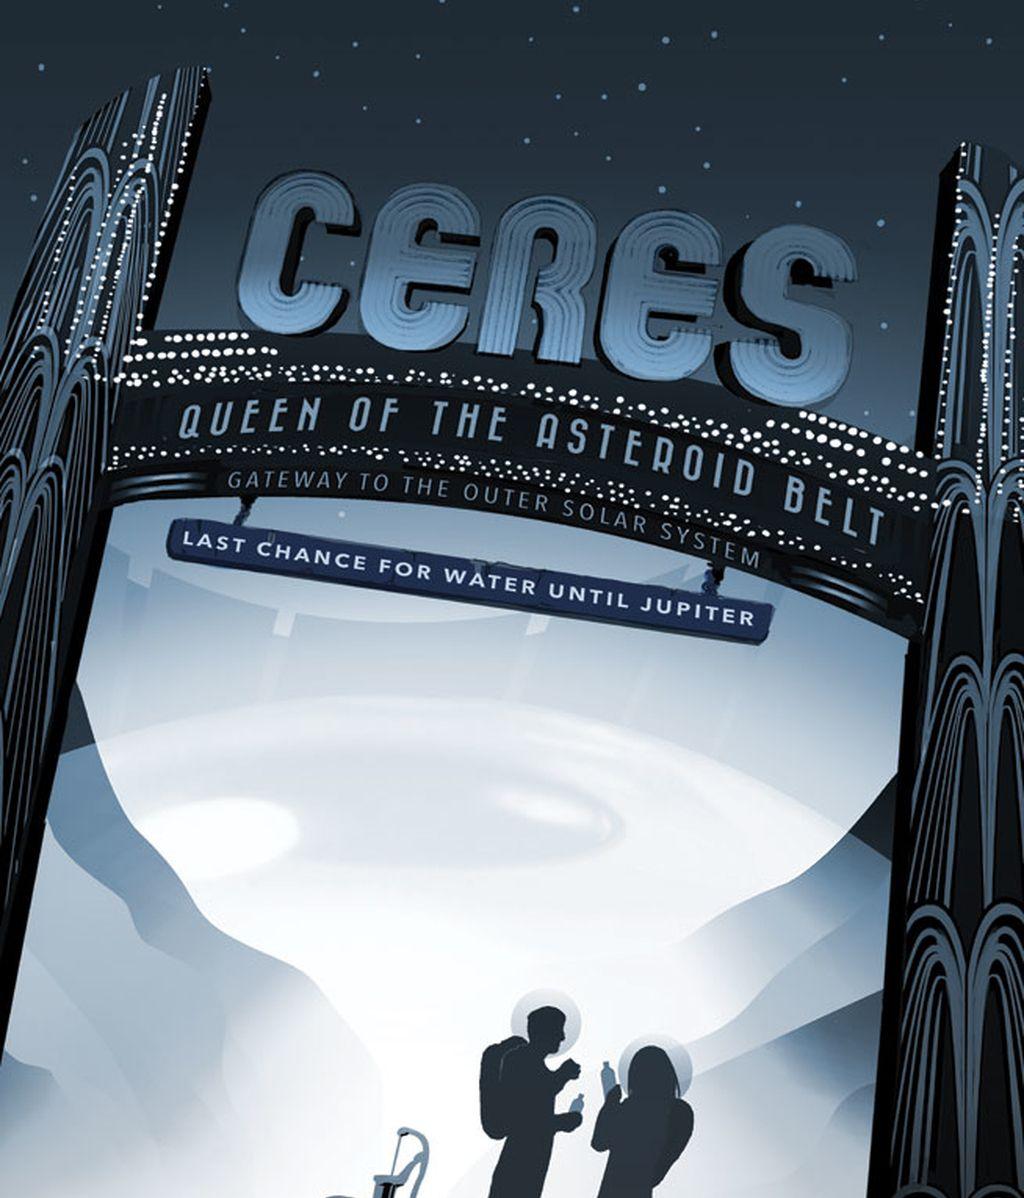 La NASA publica carteles románticos sobre viajes futuristas al espacio